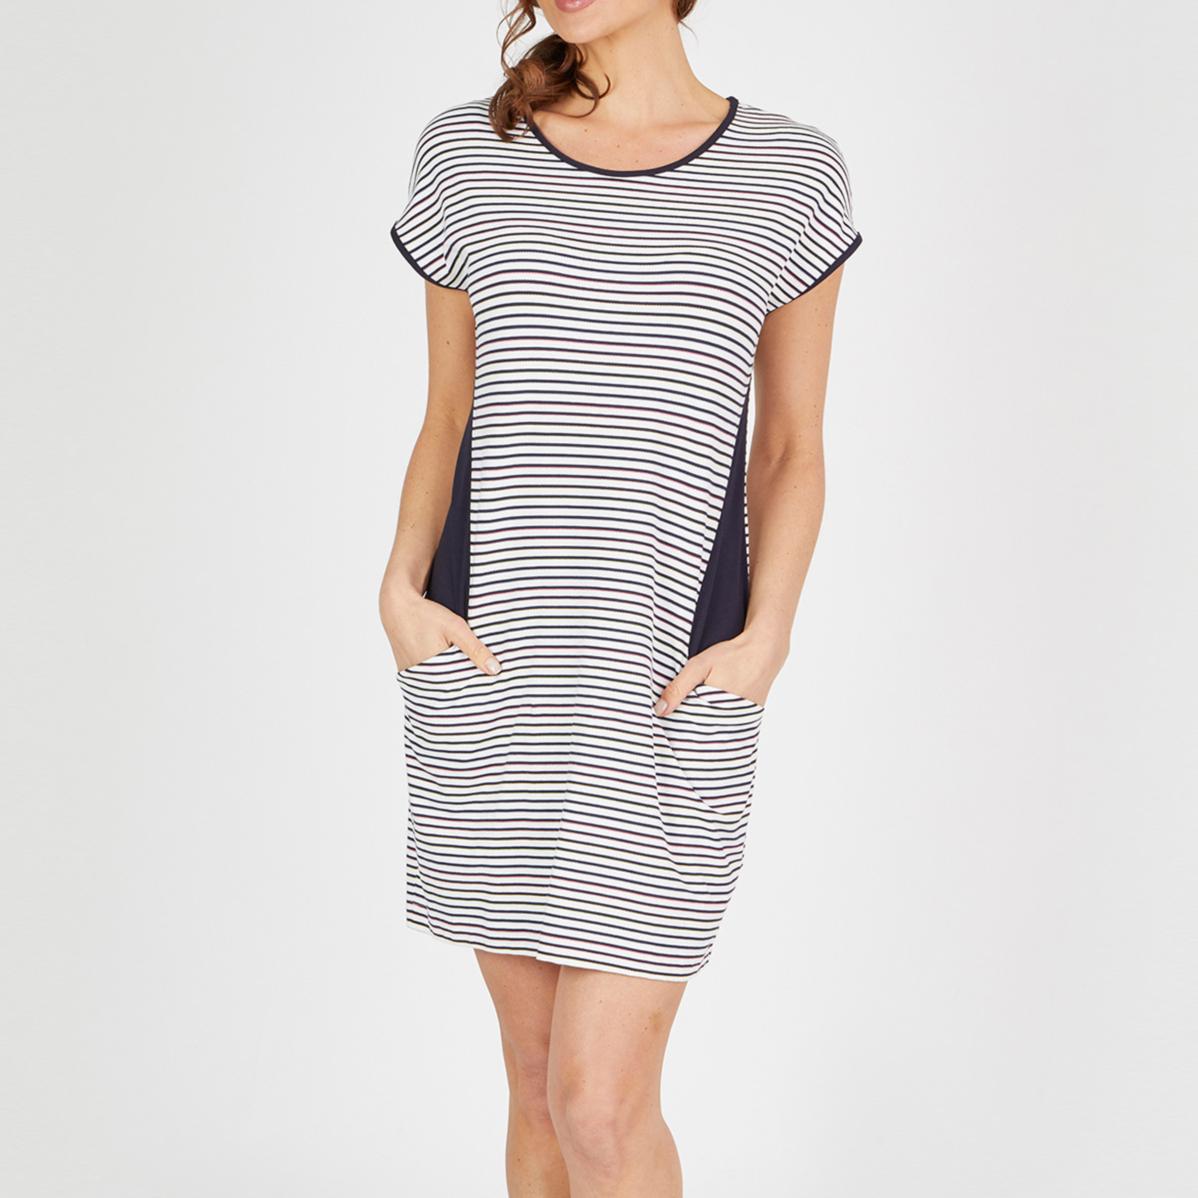 Sommerkleid im Streifen-Look